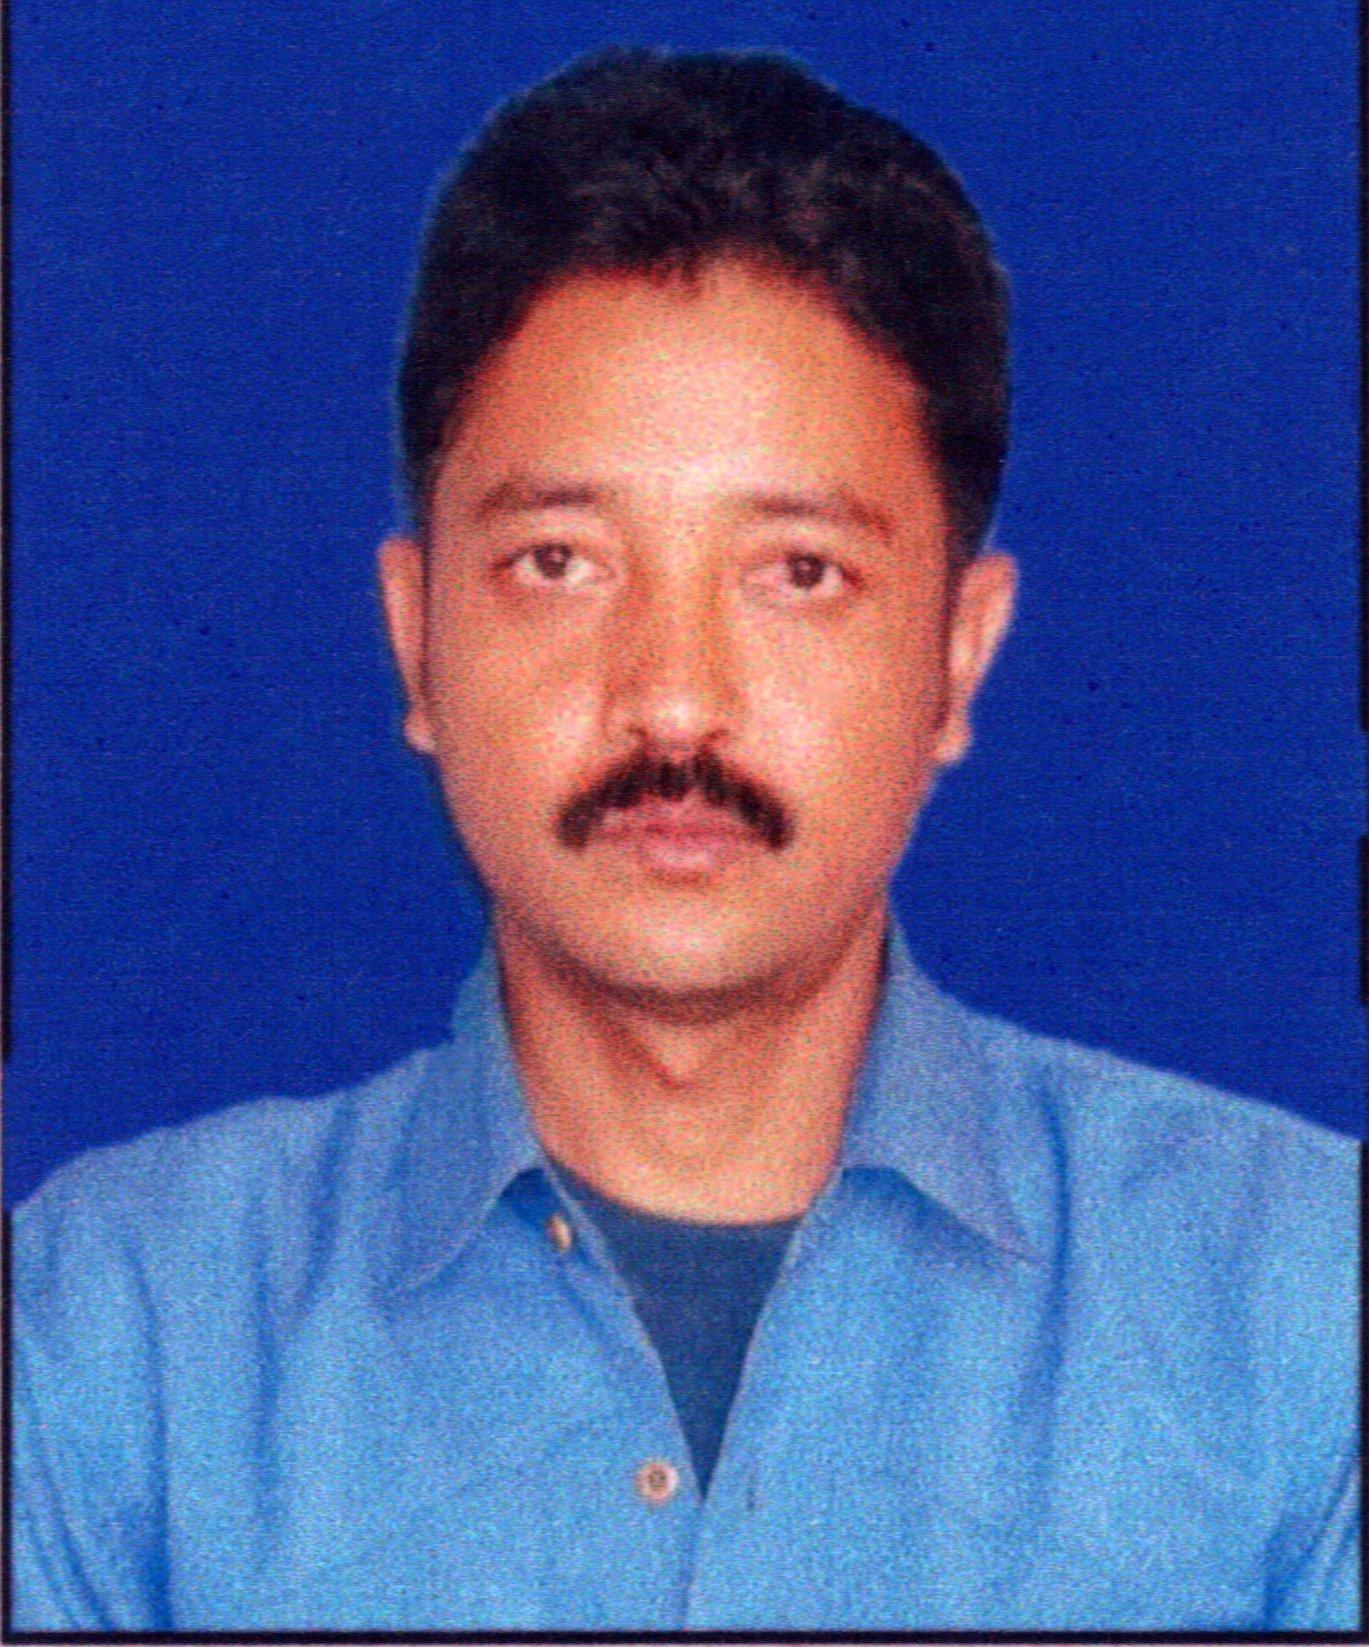 Mr. Gopinath Nath